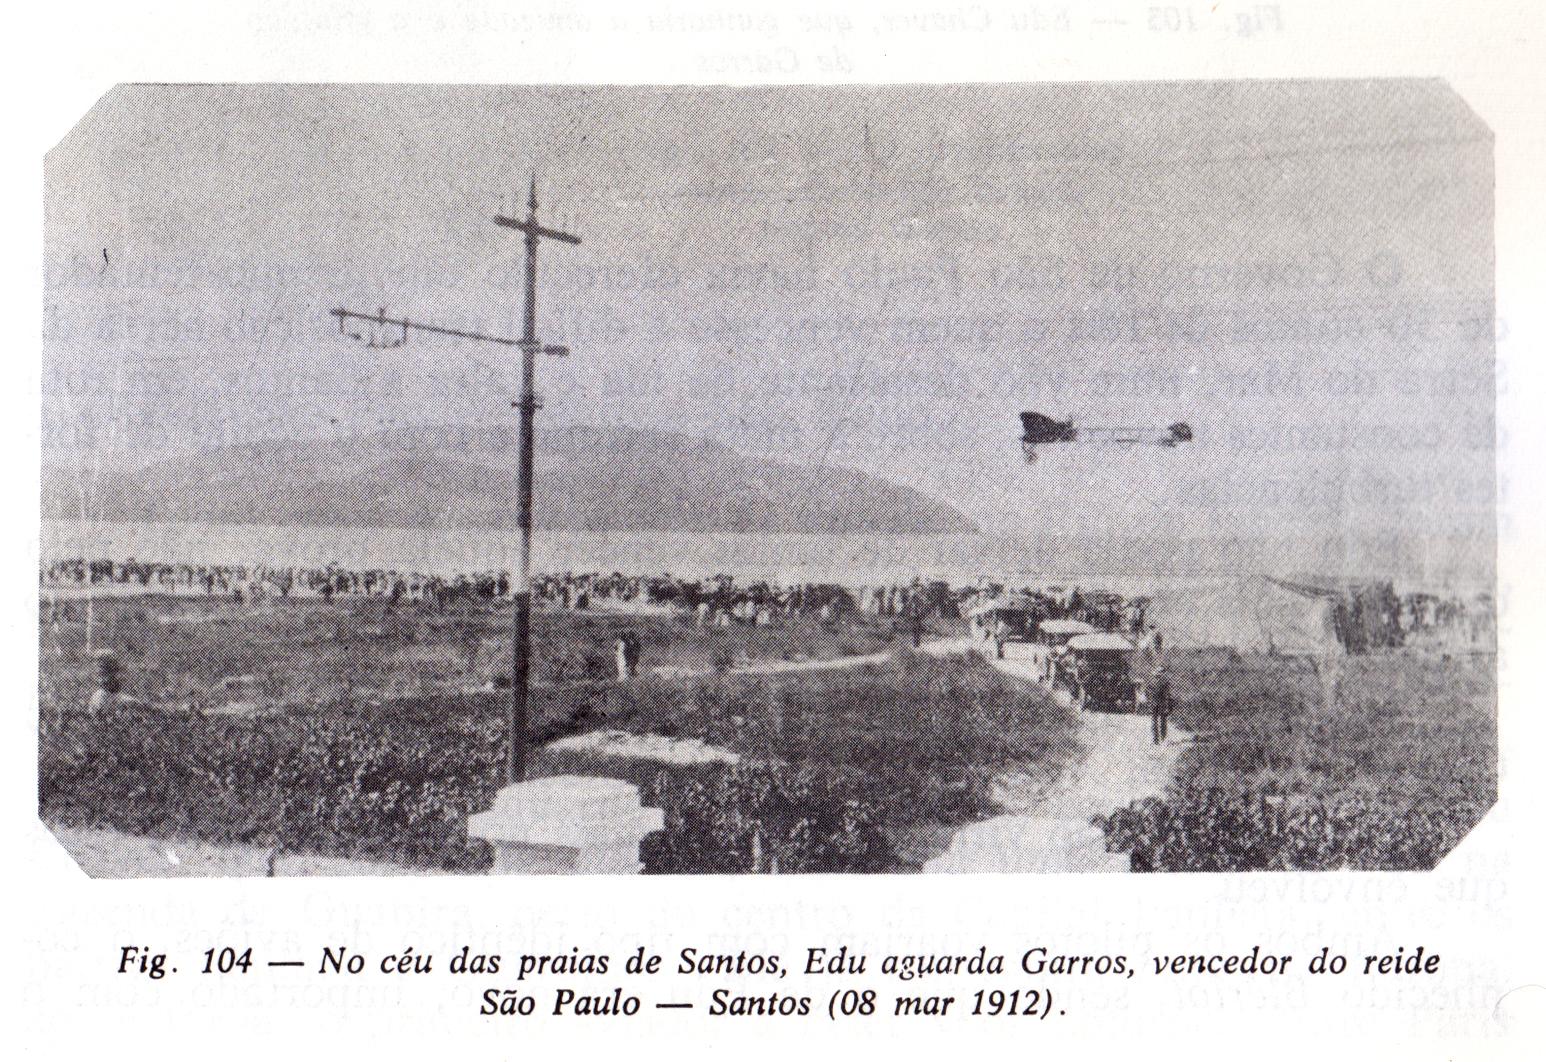 """Ilustração do livro """"História Geral da Aeronáutica Brasileira"""", do Instituto Cultural da Aeronáutica"""